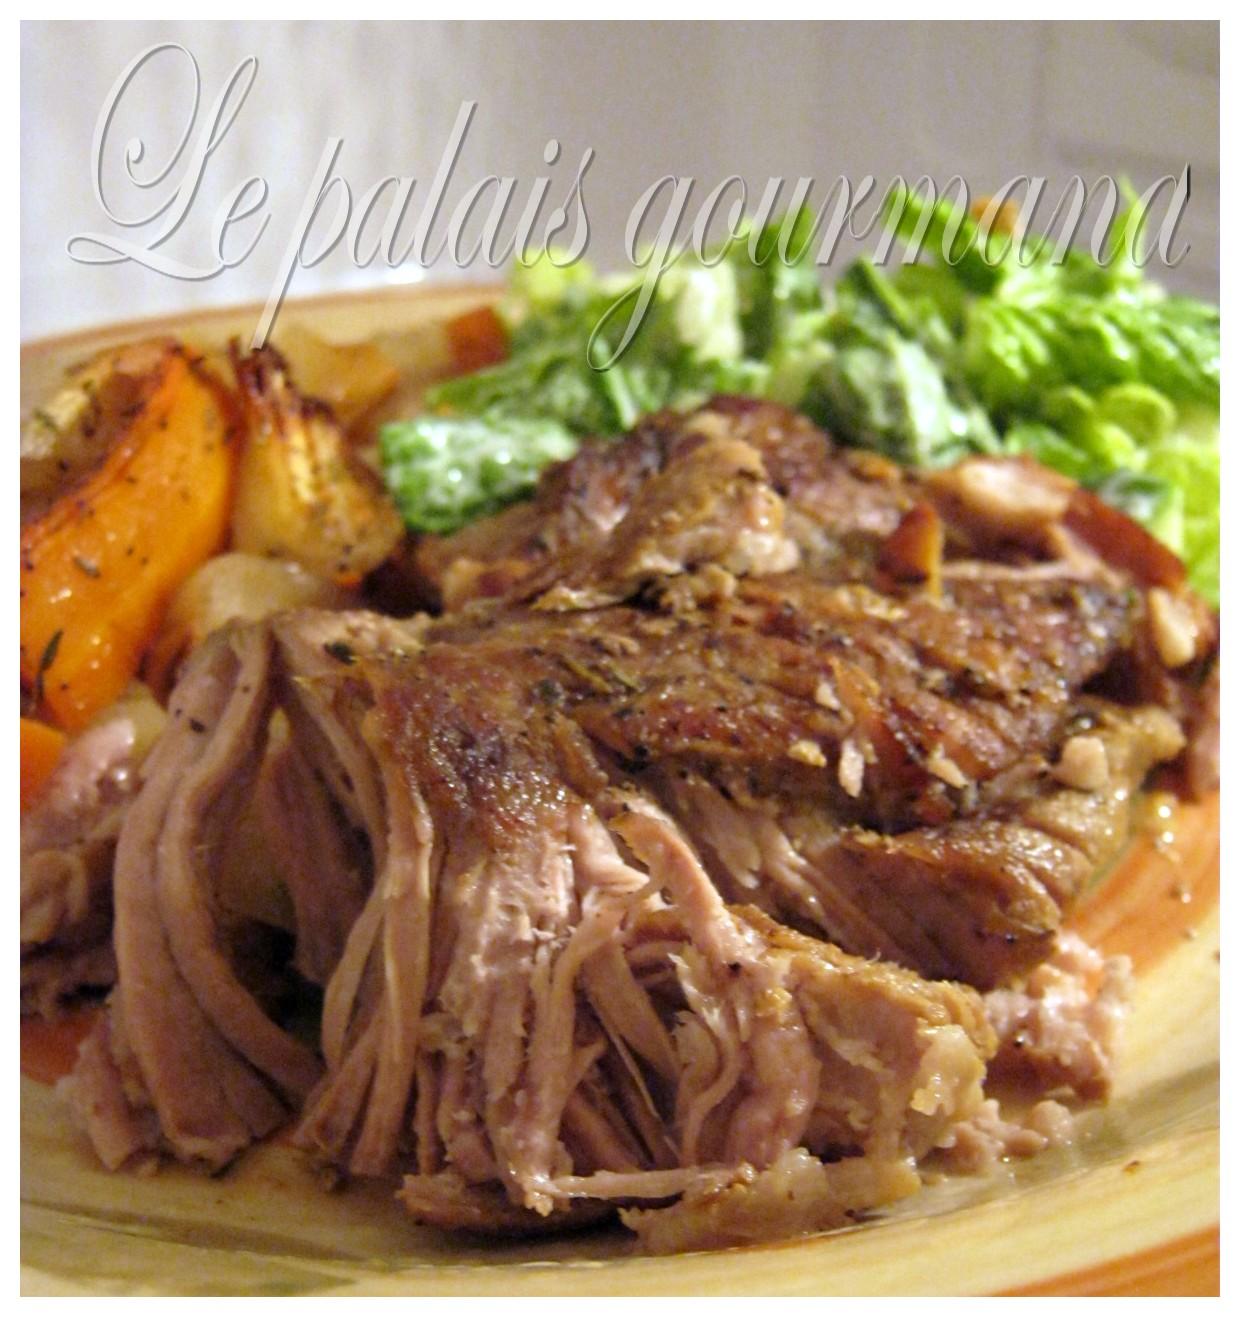 Le palais gourmand r ti de palette de porc - Cuisiner palette de porc ...